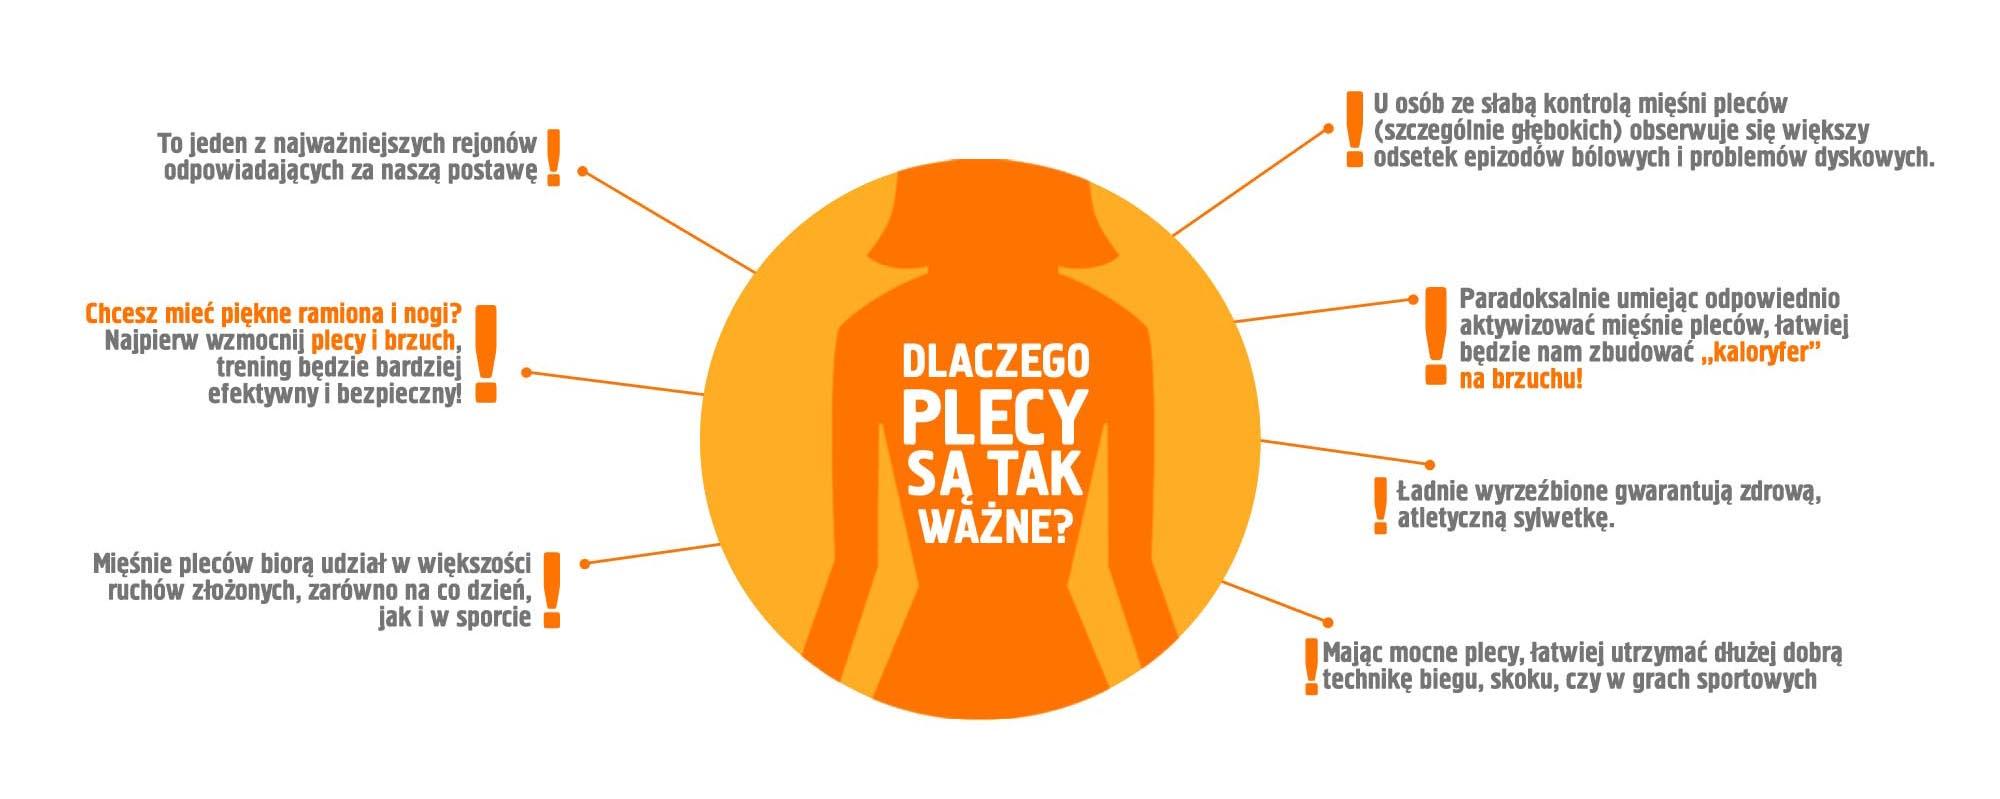 infografika plecy_dlaczego plecy są wazne